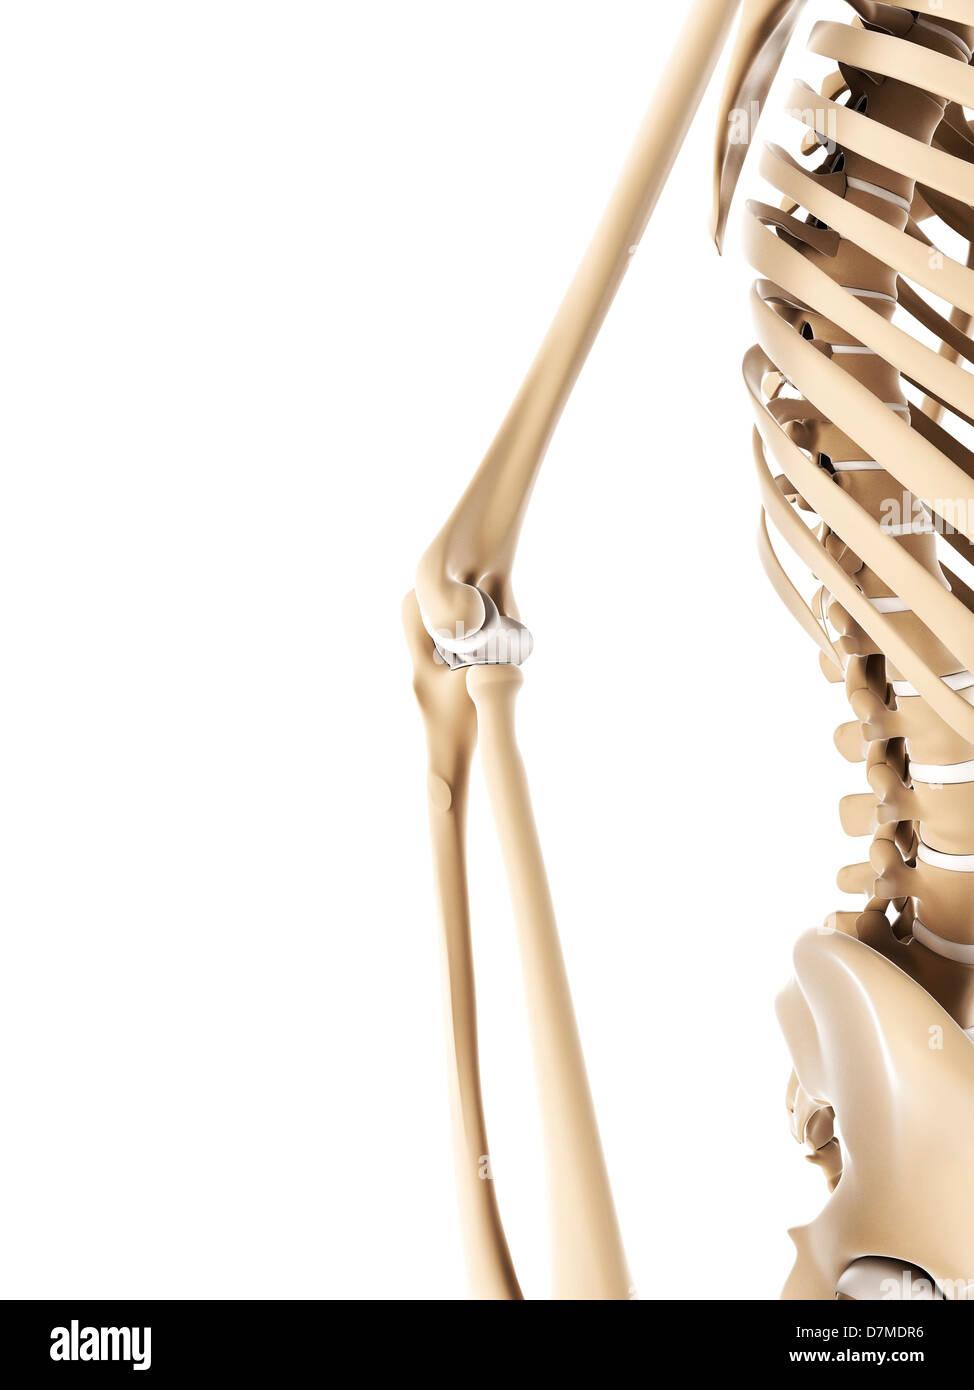 Elbow Bones Stock Photos Elbow Bones Stock Images Alamy